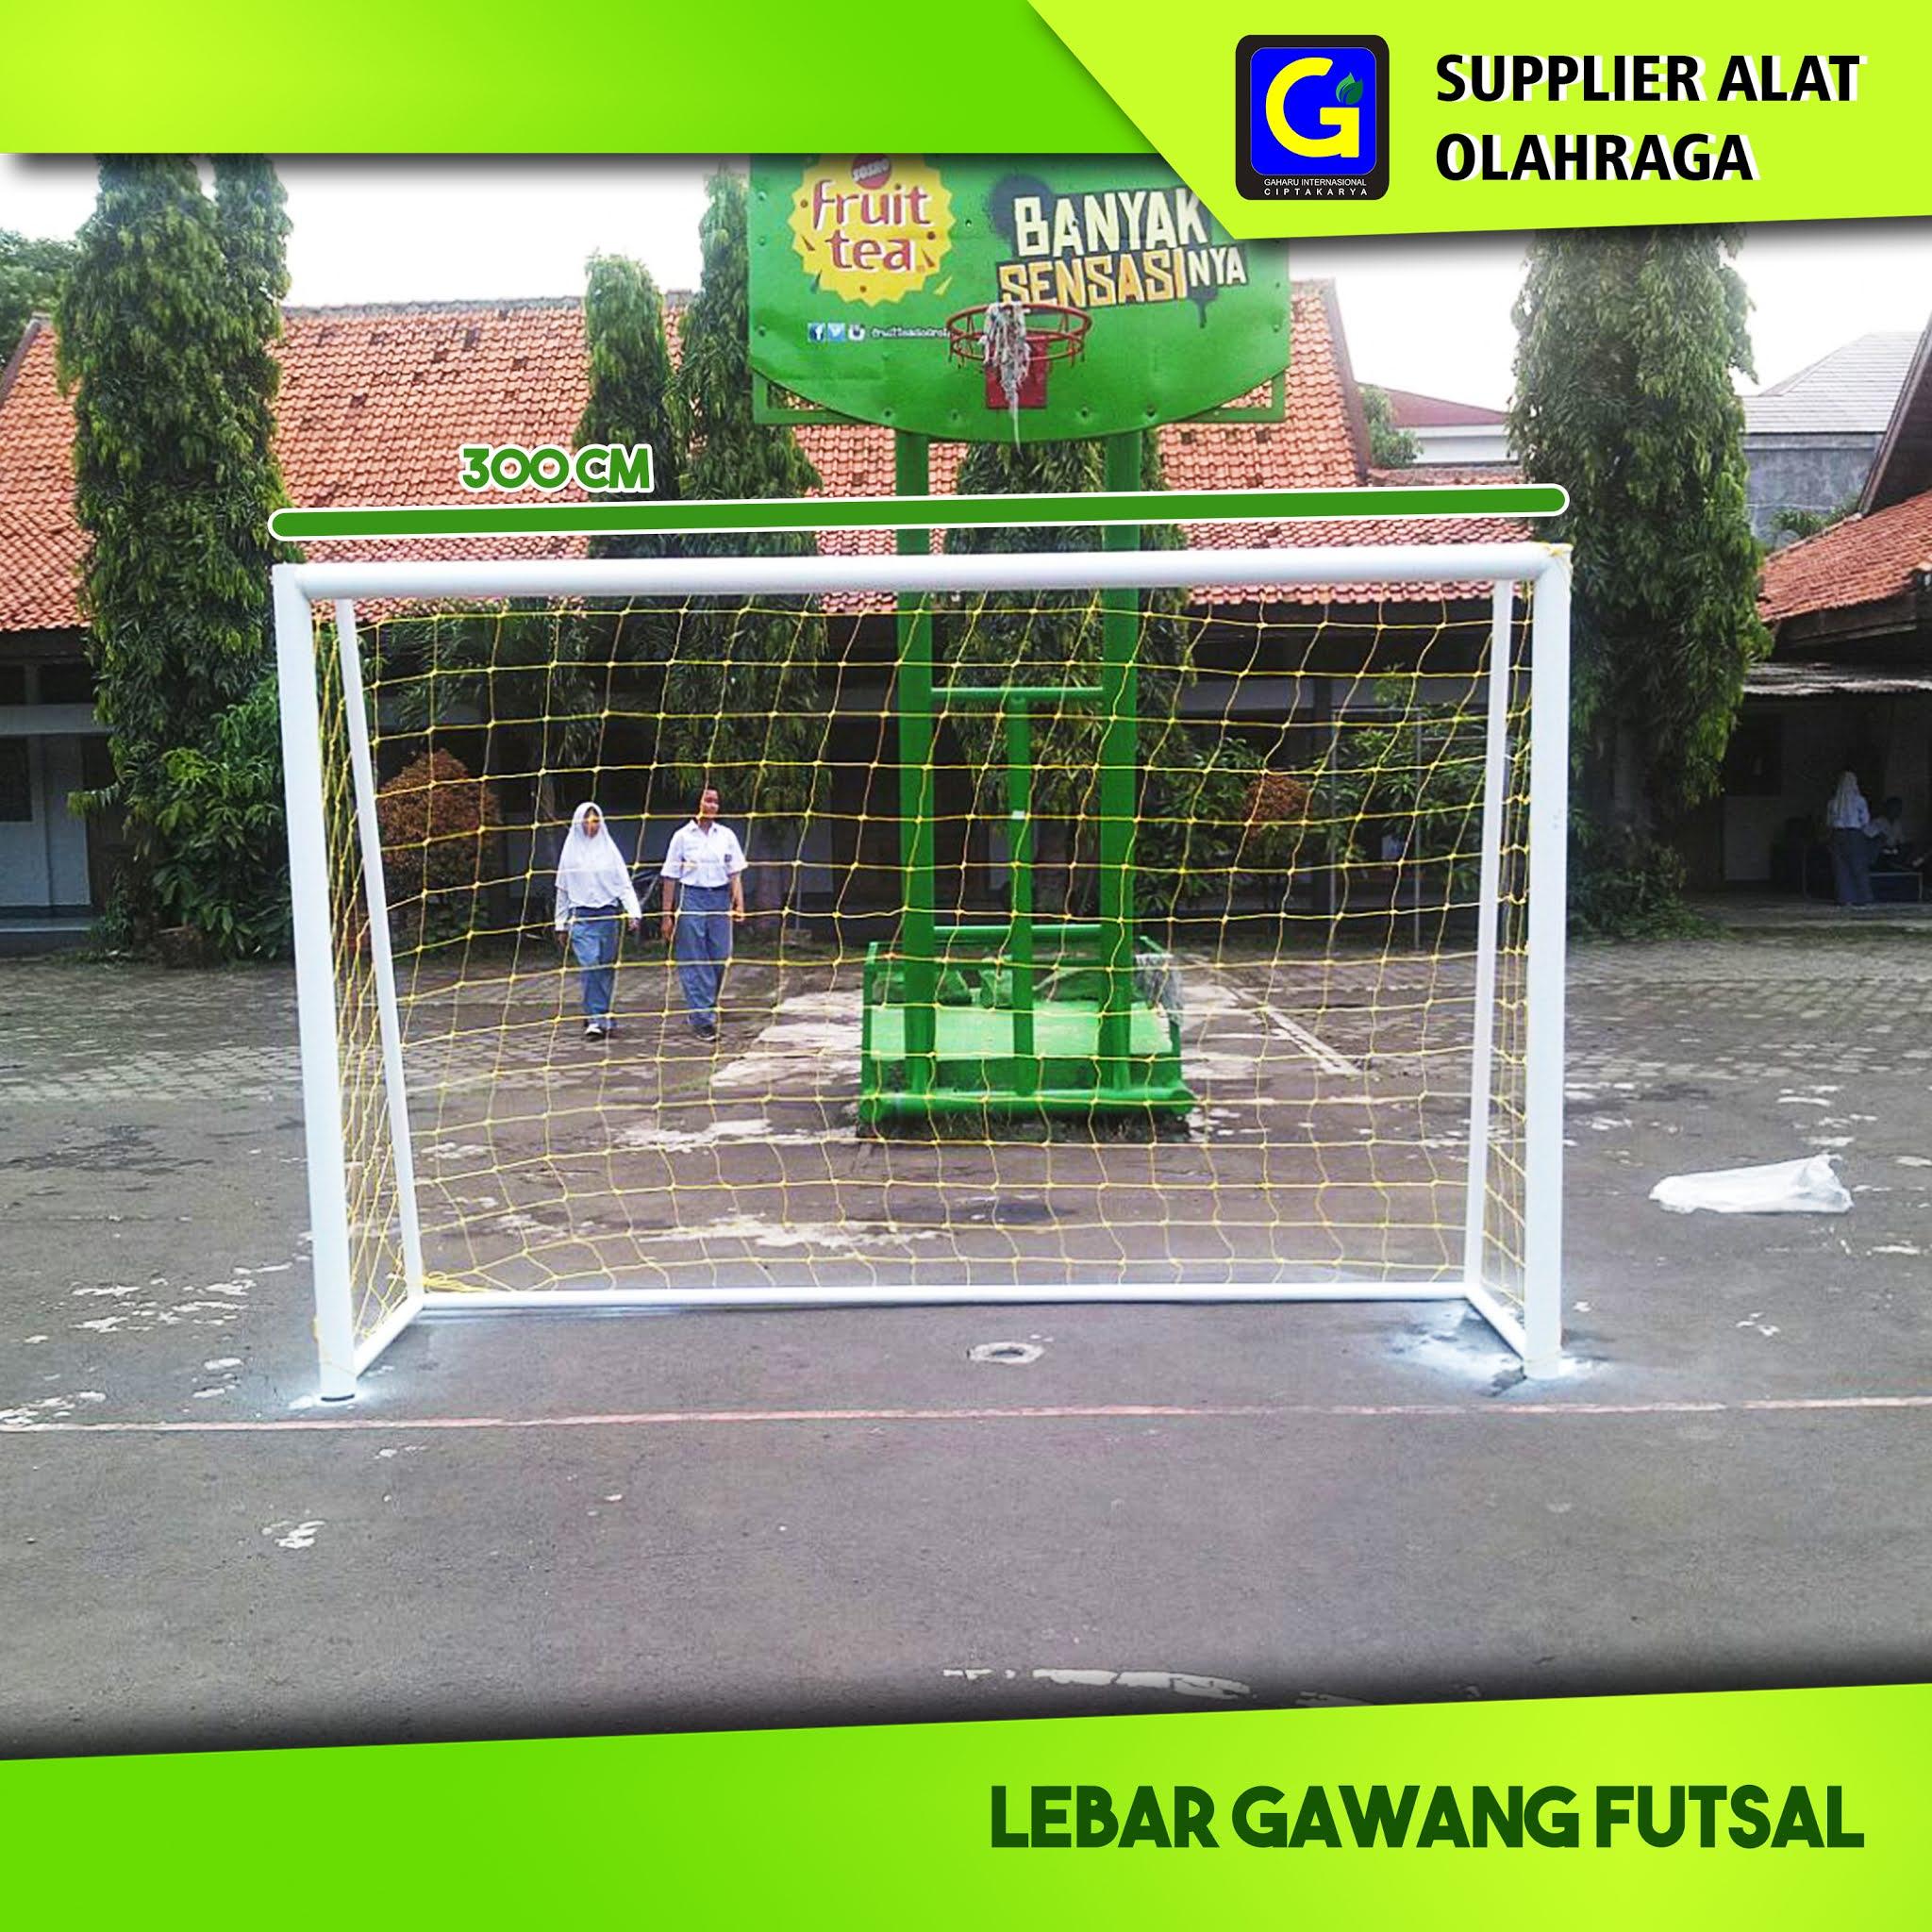 Labar Gawang Futsal